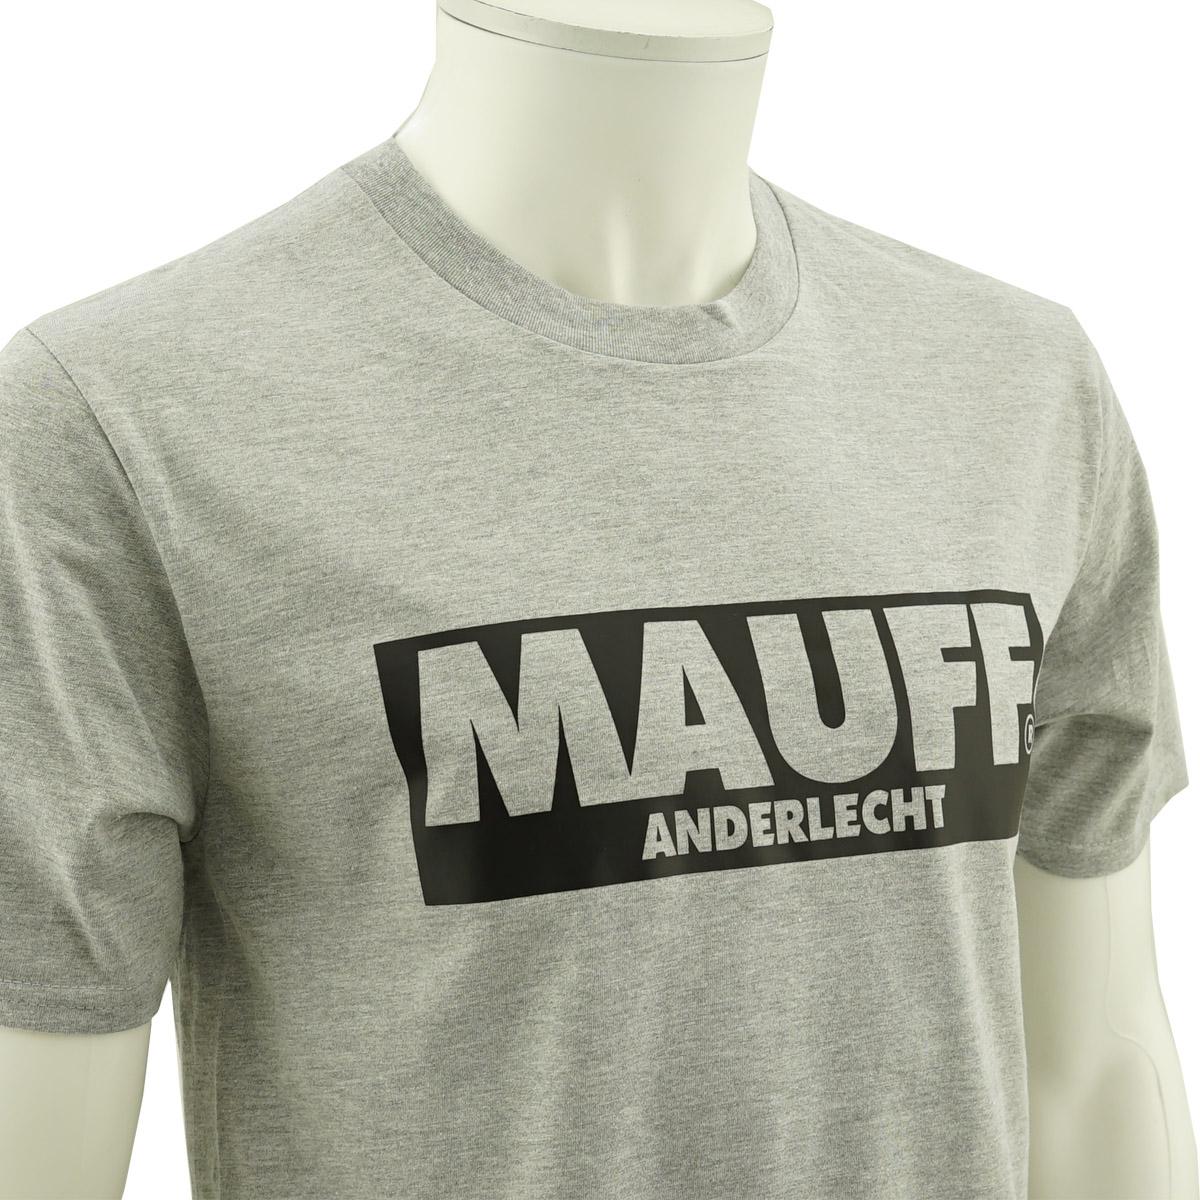 RSCA T-shirt Mauff Anderlecht